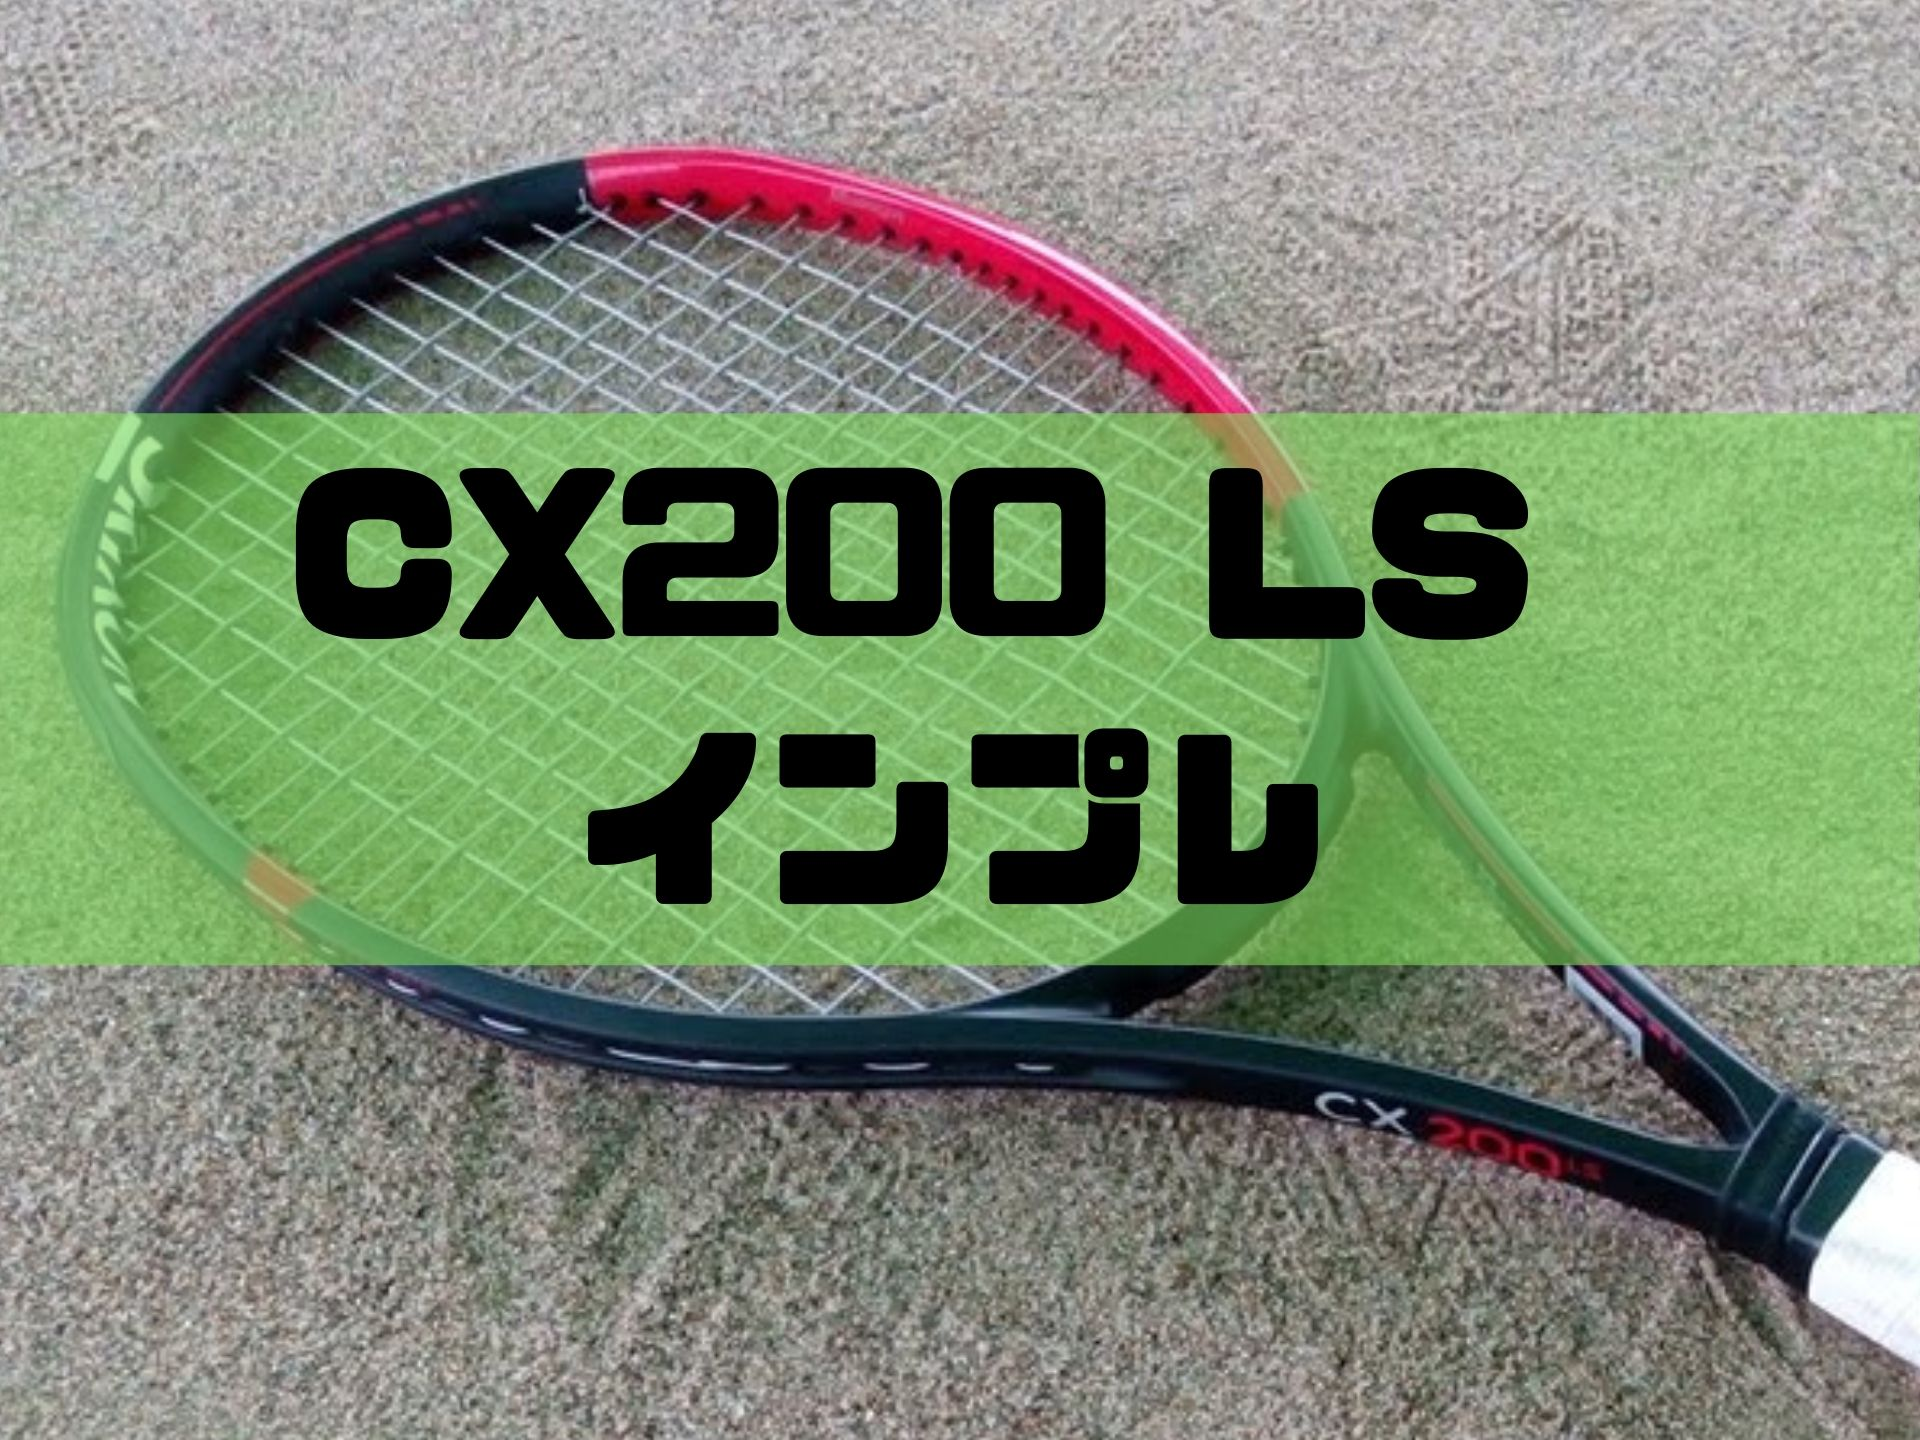 ダンロップCX200LS